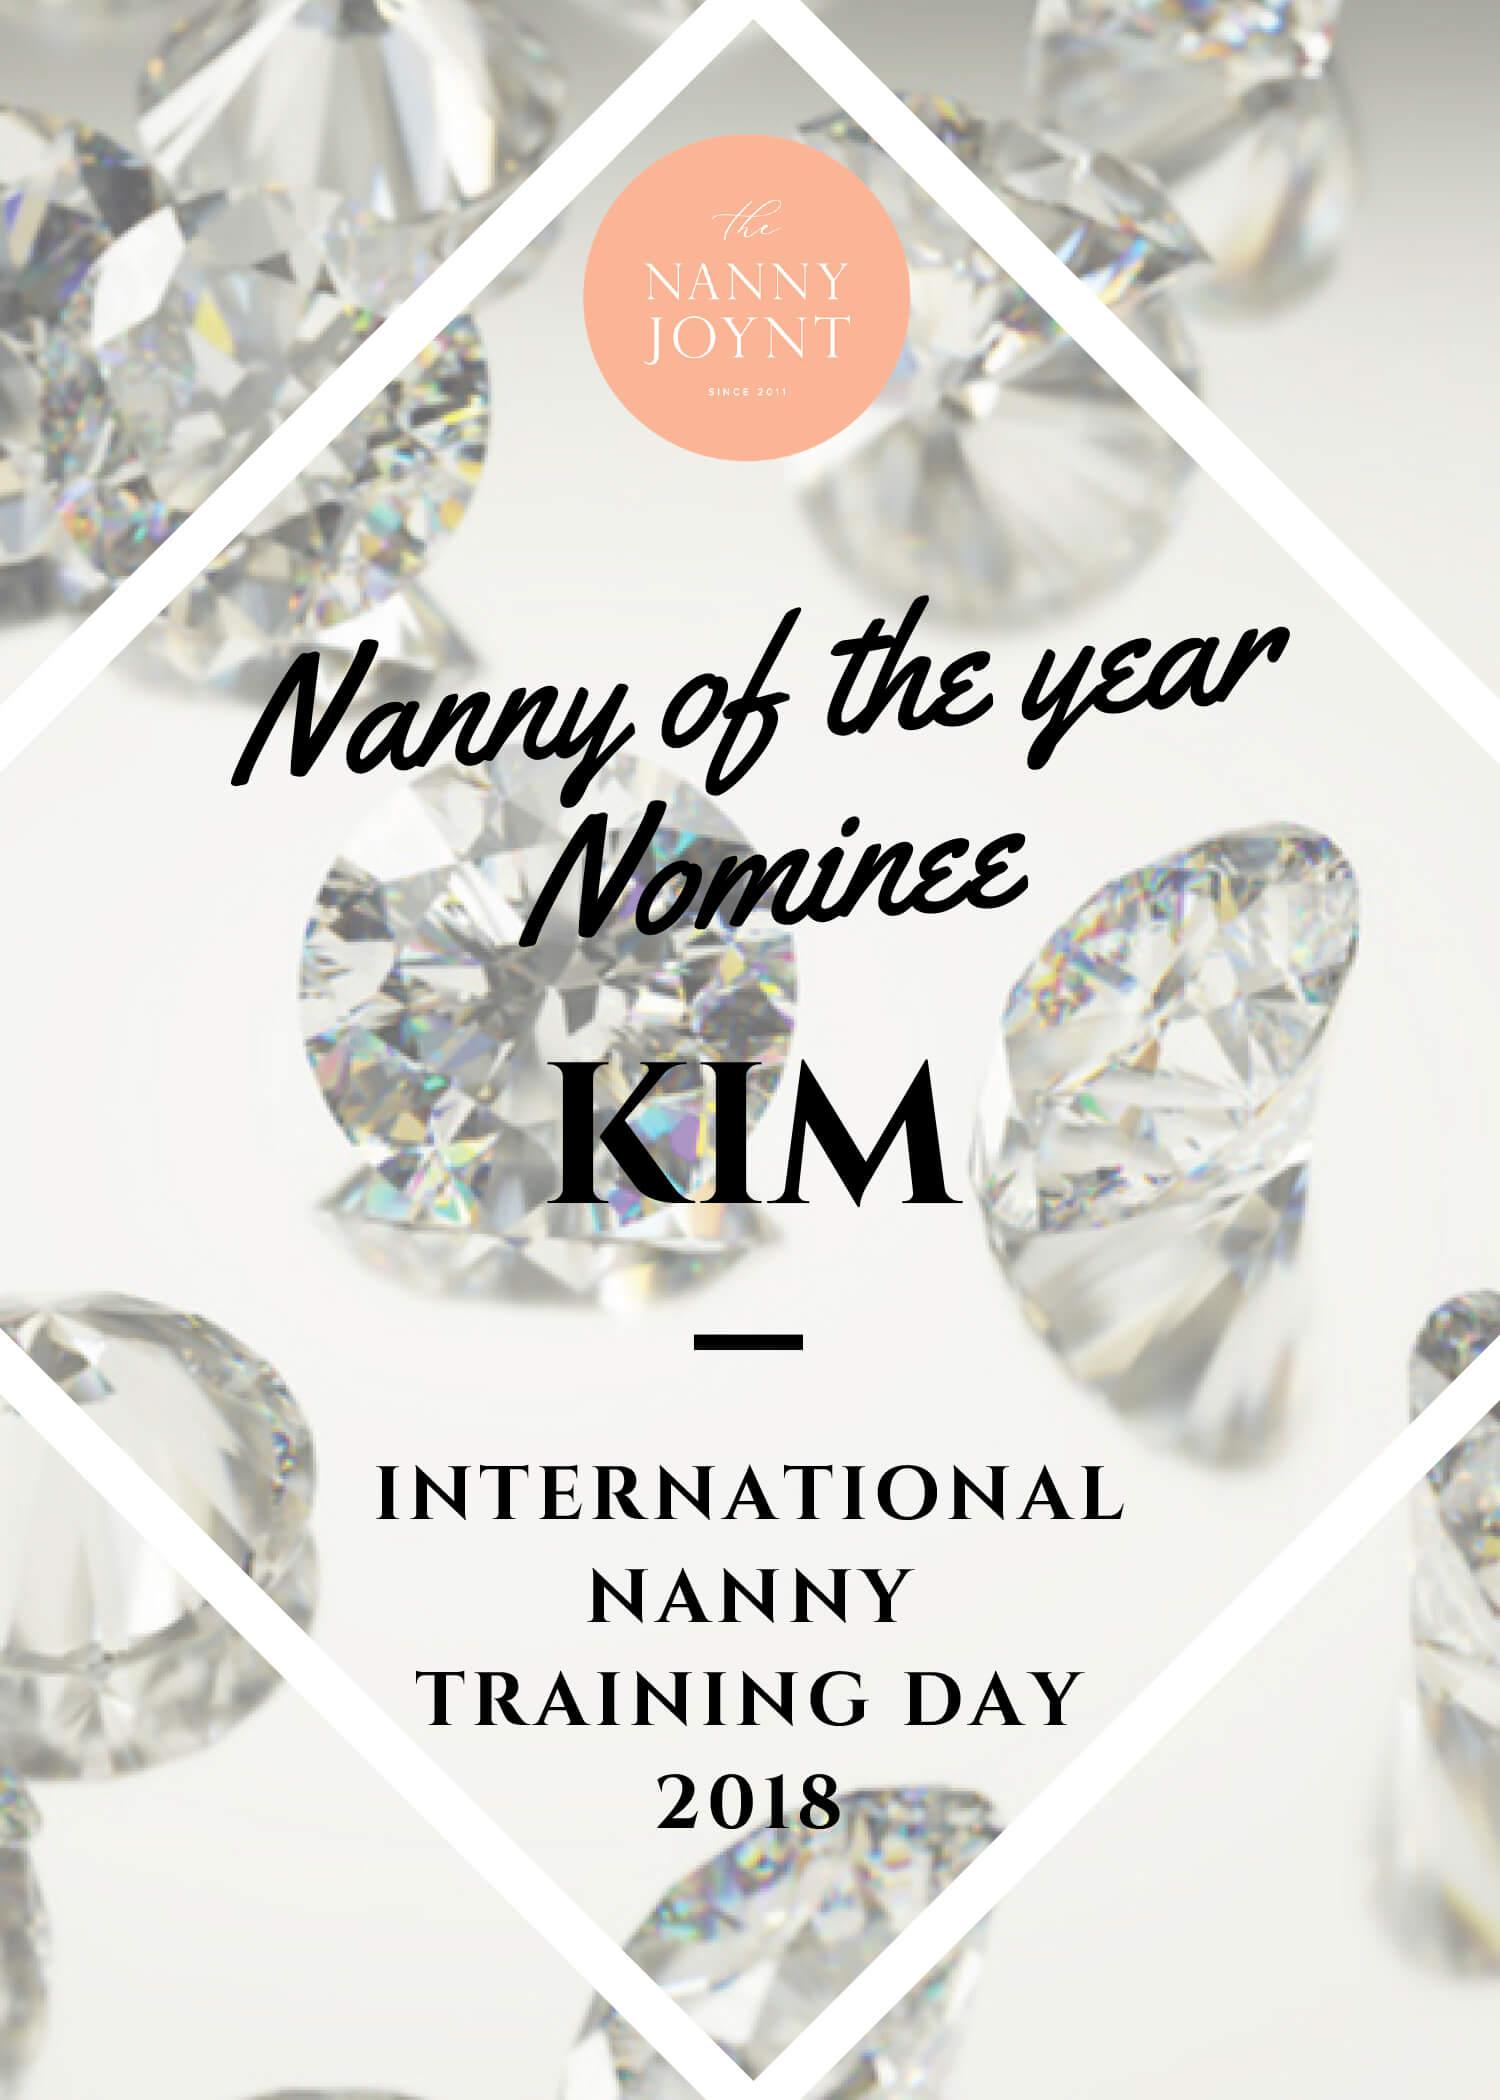 iNNTD Arizona Nanny Of The Year Nominee – Kimberly